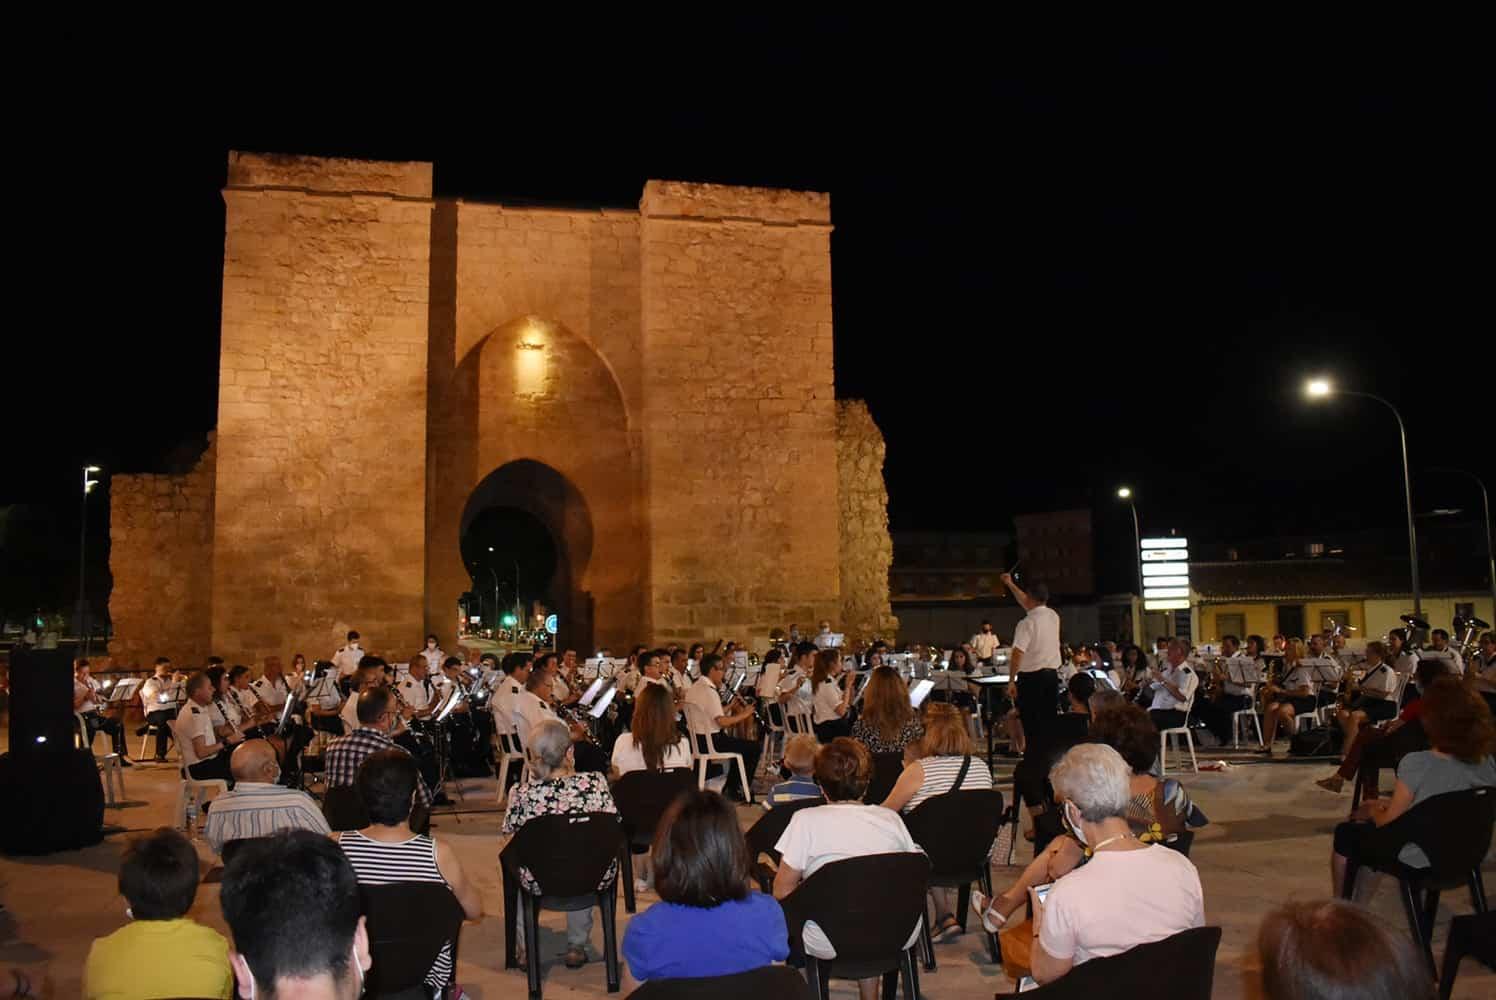 Banda de música de Ciudad Real